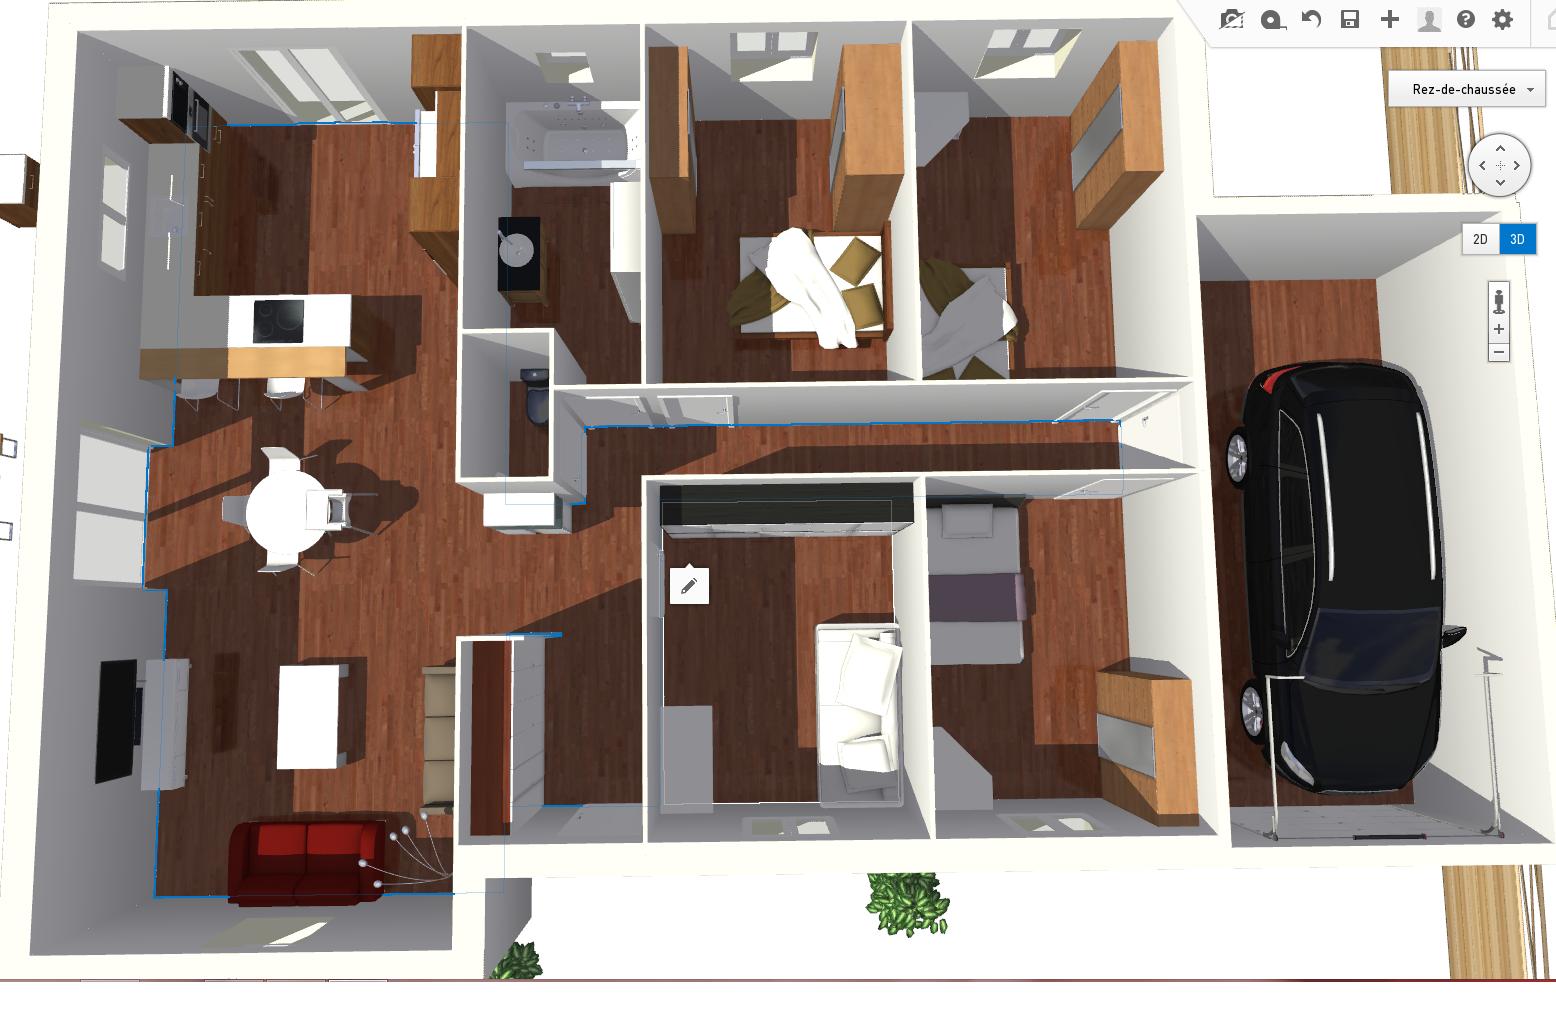 plan de maison hlm